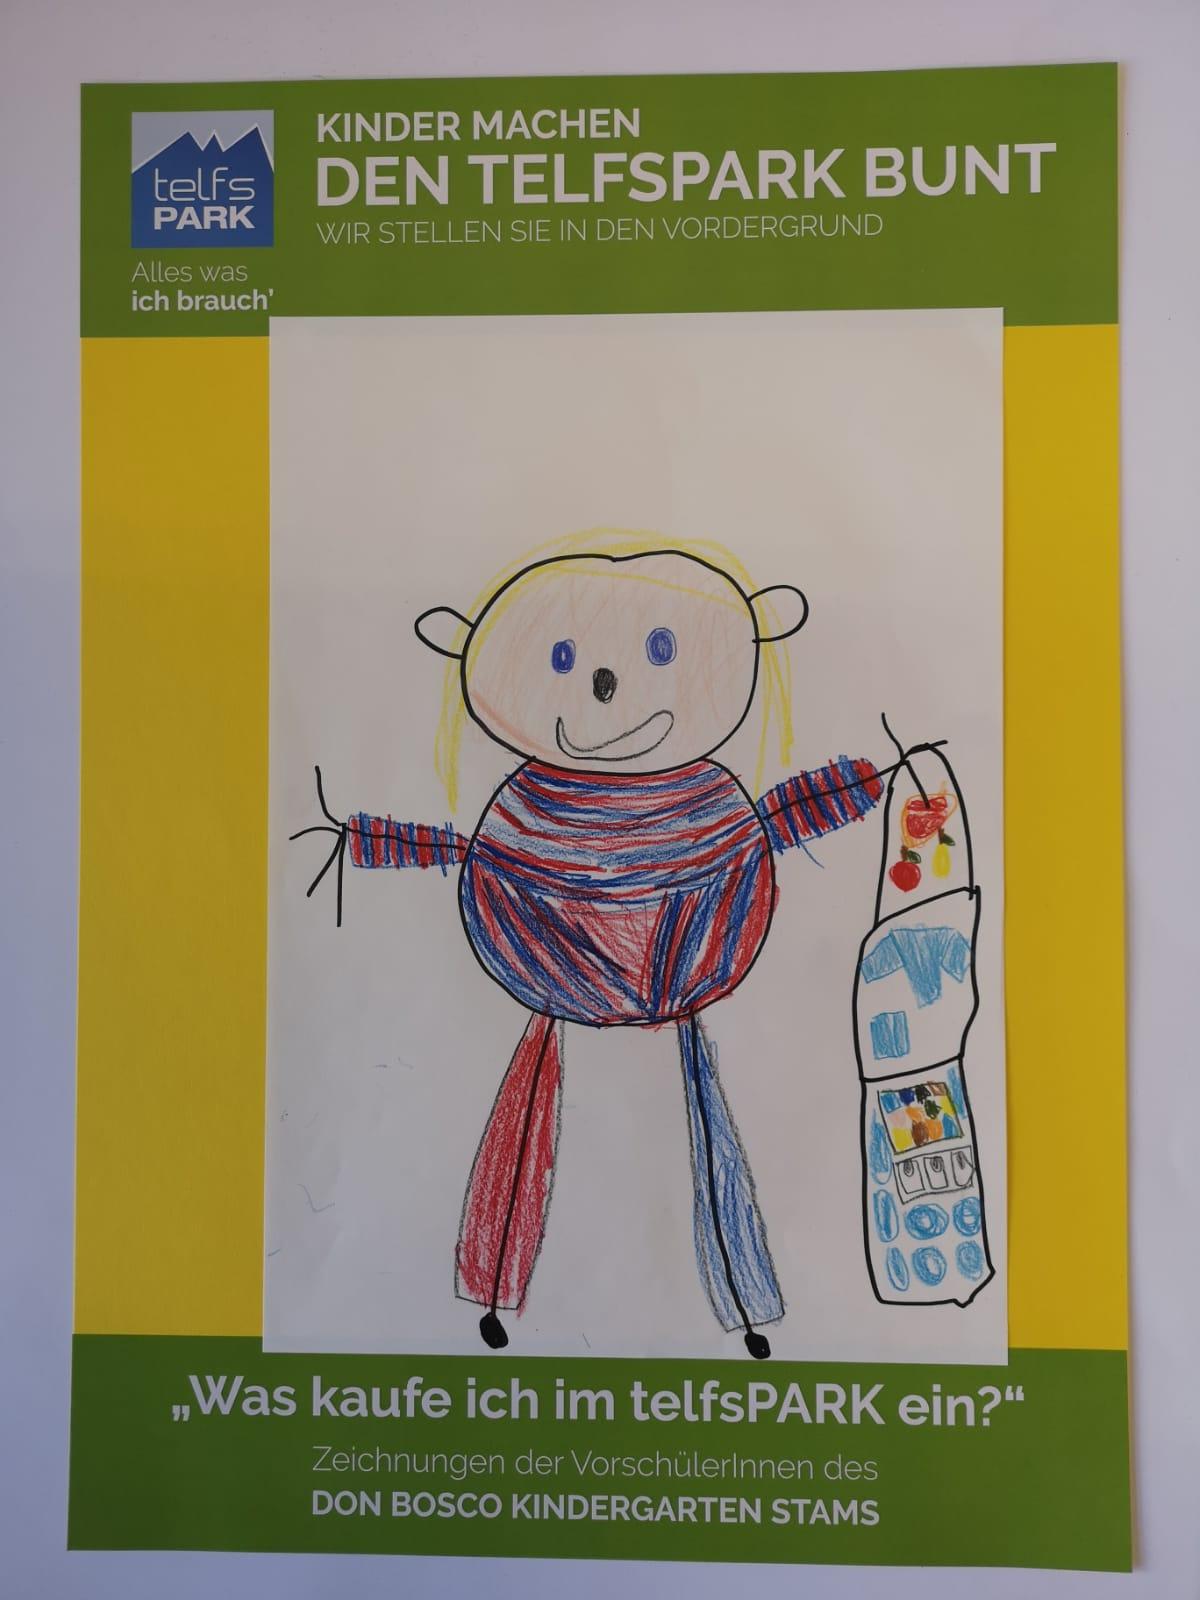 kindergarten-stams-12.jpg